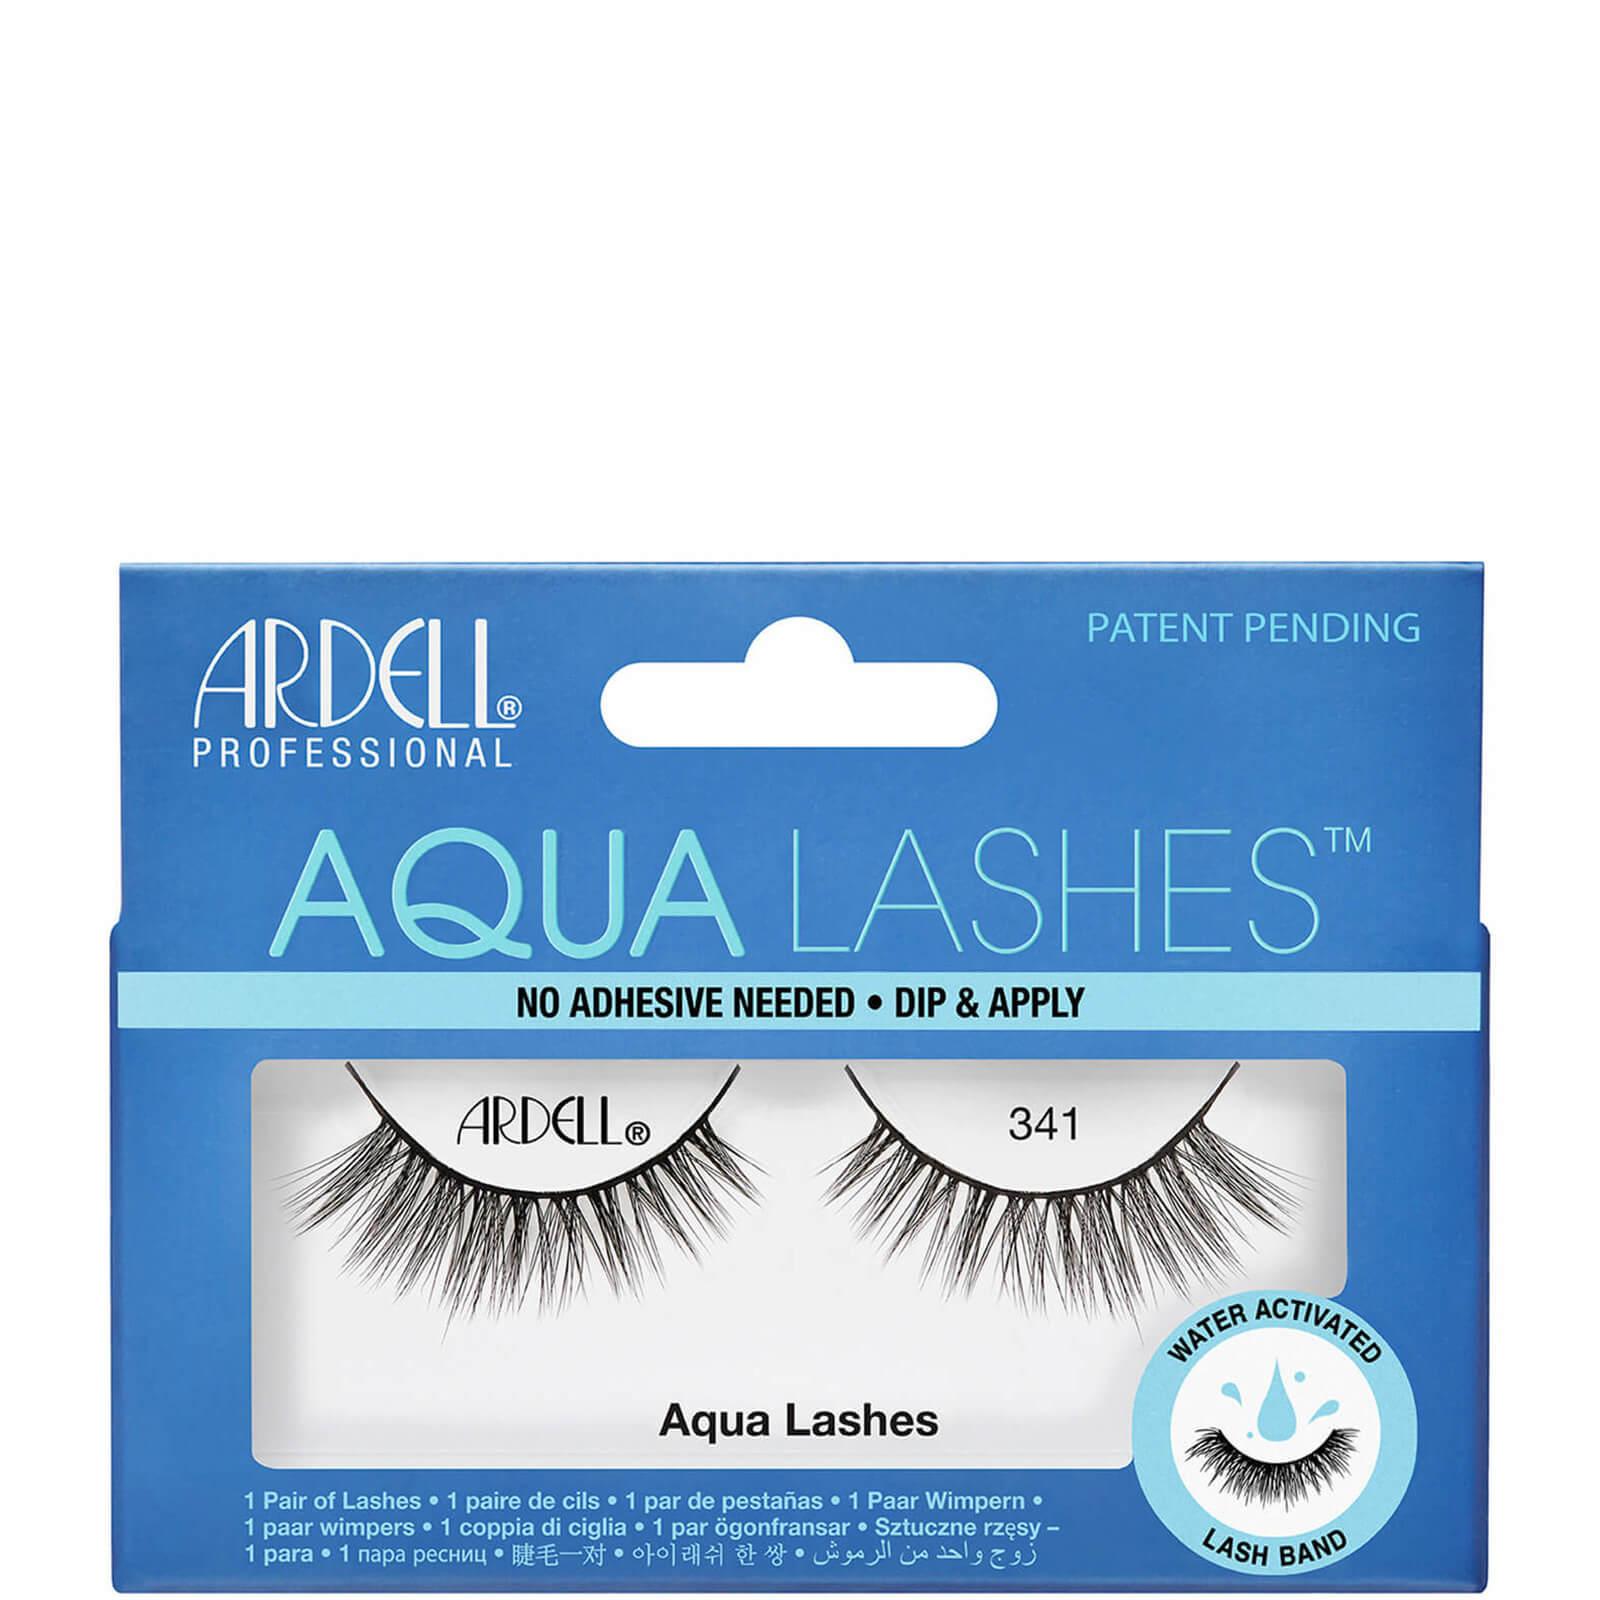 Купить Ardell Aqua Lash 341